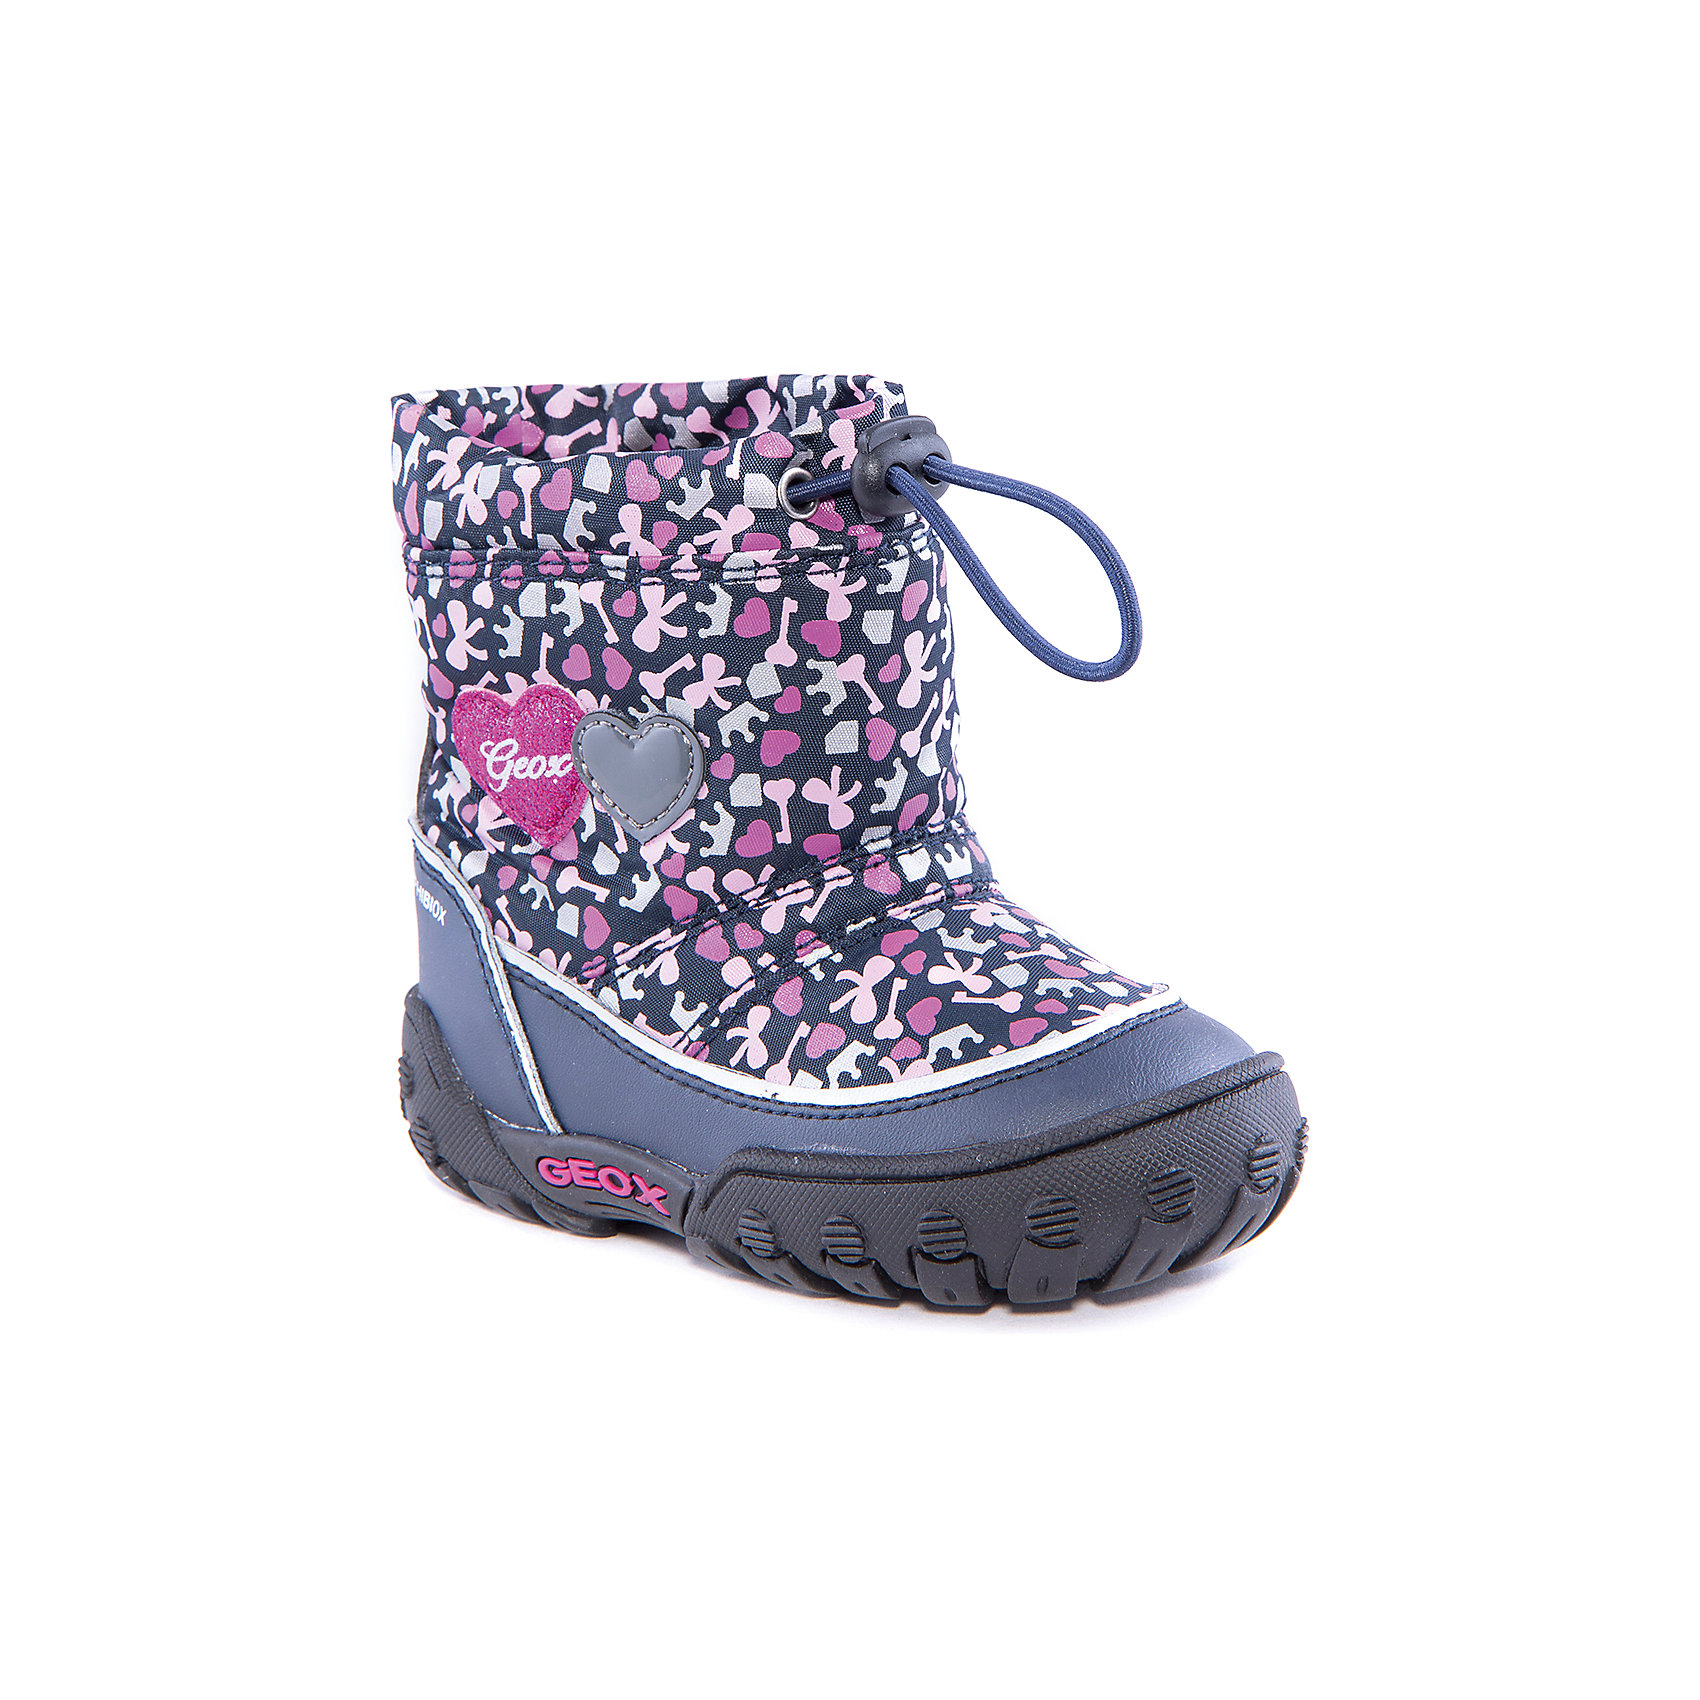 Полусапожки для девочки GEOXПолусапожки для девочки от популярной марки GEOX.<br><br>Симпатичные полусапожки сделаны по уникальной технологии. <br>Производитель обуви GEOX разработал специальную дышащую подошву, которая не пропускает влагу внутрь, а также высокотехнологичную стельку. При производстве этих полусапожек была задействована технология Amphibiox, делающая обувь непромокаемой. <br><br>Отличительные особенности модели:<br><br>- цвет: темно-синий, розовый;<br>- украшены принтом: сердечки;<br>- гибкая водоотталкивающая подошва с дышащей мембраной;<br>- утепленная стелька;<br>- мягкий и легкий верх;<br>- защита пятки и пальцев;<br>- эргономичная форма;<br>- удобная утяжка на голенище;<br>- комфортное облегание;<br>- ударопрочная антибактериальная стелька;<br>- защита от промокания - технология Amphibiox;<br>- верх обуви и подкладка сделаны без использования хрома.<br><br>Дополнительная информация:<br><br>- Температурный режим: от - 20° С  до -5° С.<br><br>- Состав:<br><br>материал верха: синтетический материал, текстиль<br>материал подкладки: текстиль<br>подошва: полимер.<br><br>Полусапожки для девочки GEOX (Геокс) можно купить в нашем магазине.<br><br>Ширина мм: 257<br>Глубина мм: 180<br>Высота мм: 130<br>Вес г: 420<br>Цвет: синий<br>Возраст от месяцев: 24<br>Возраст до месяцев: 24<br>Пол: Женский<br>Возраст: Детский<br>Размер: 25,22,27,26,24,23<br>SKU: 4178003